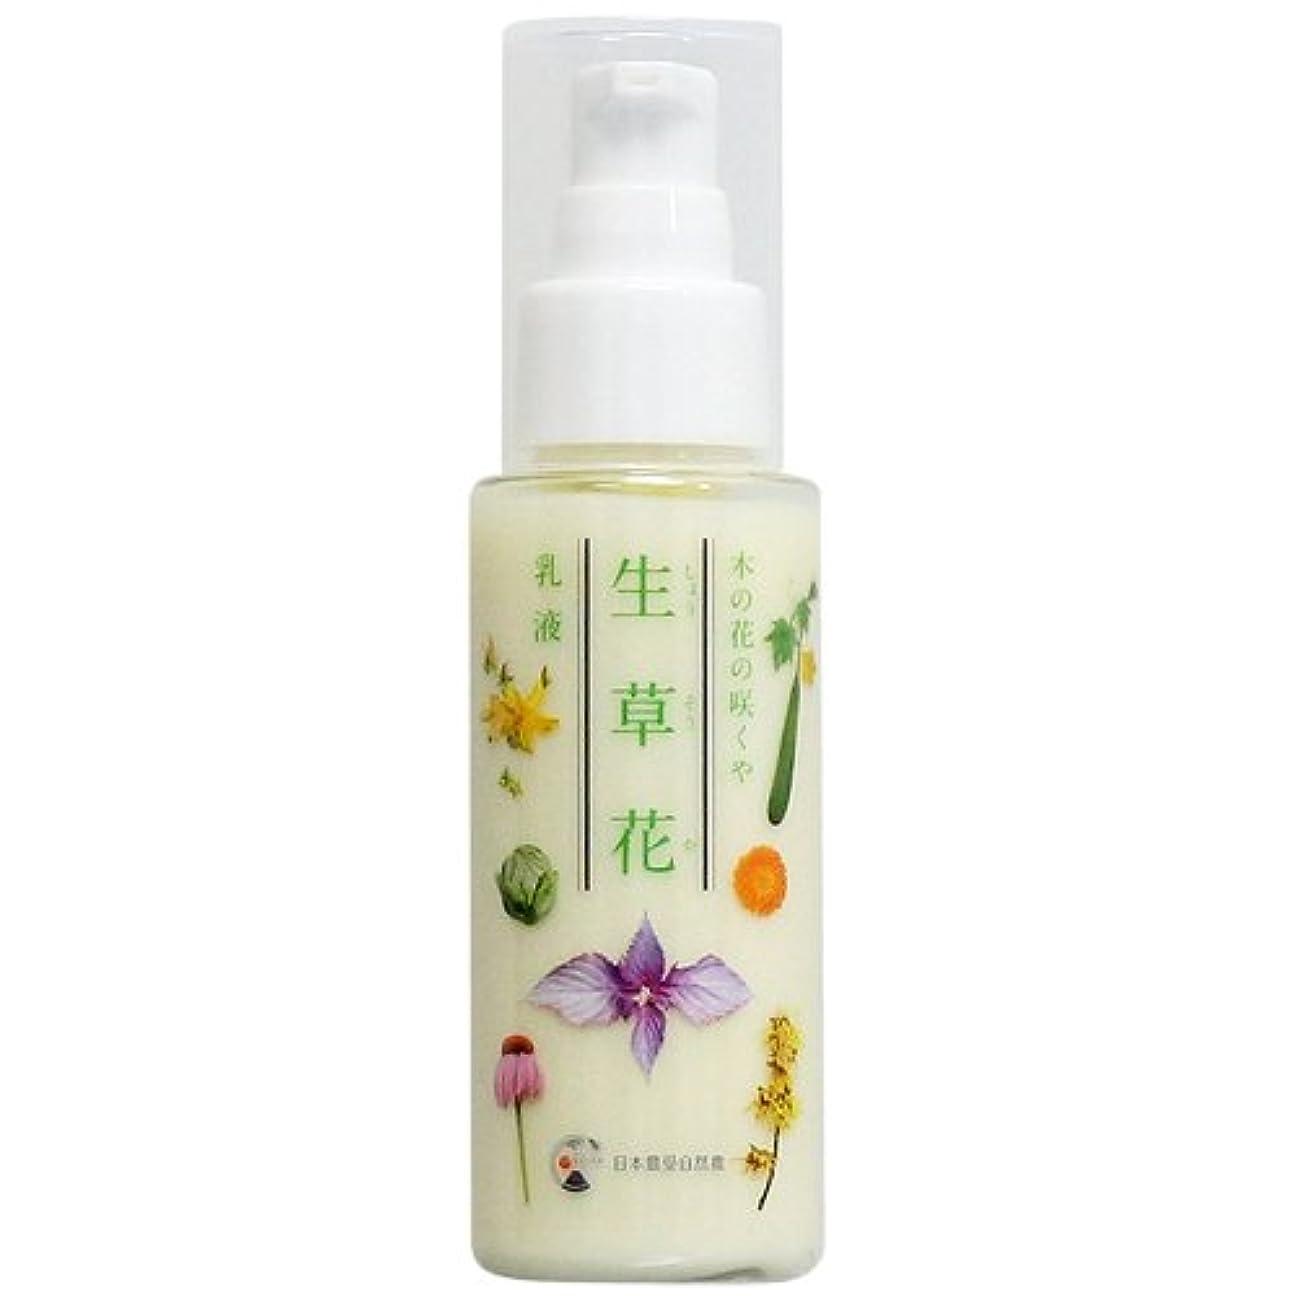 申し立てる化合物書き込み日本豊受自然農 木の花の咲くや 生草花 乳液 80ml